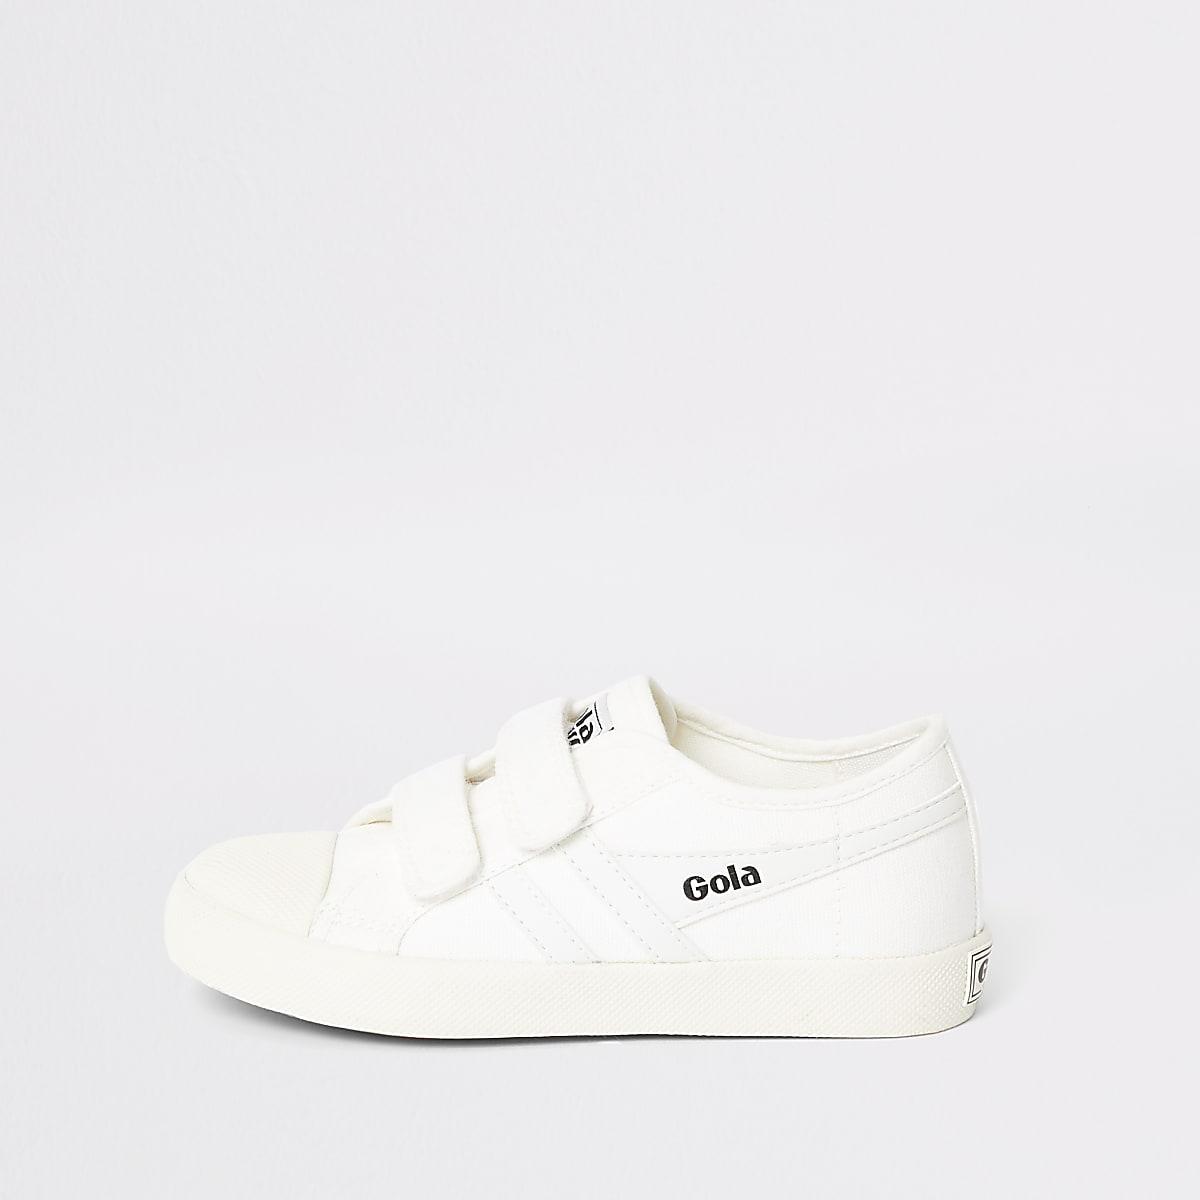 Gola - Witte sneakers met klittenband voor jongens